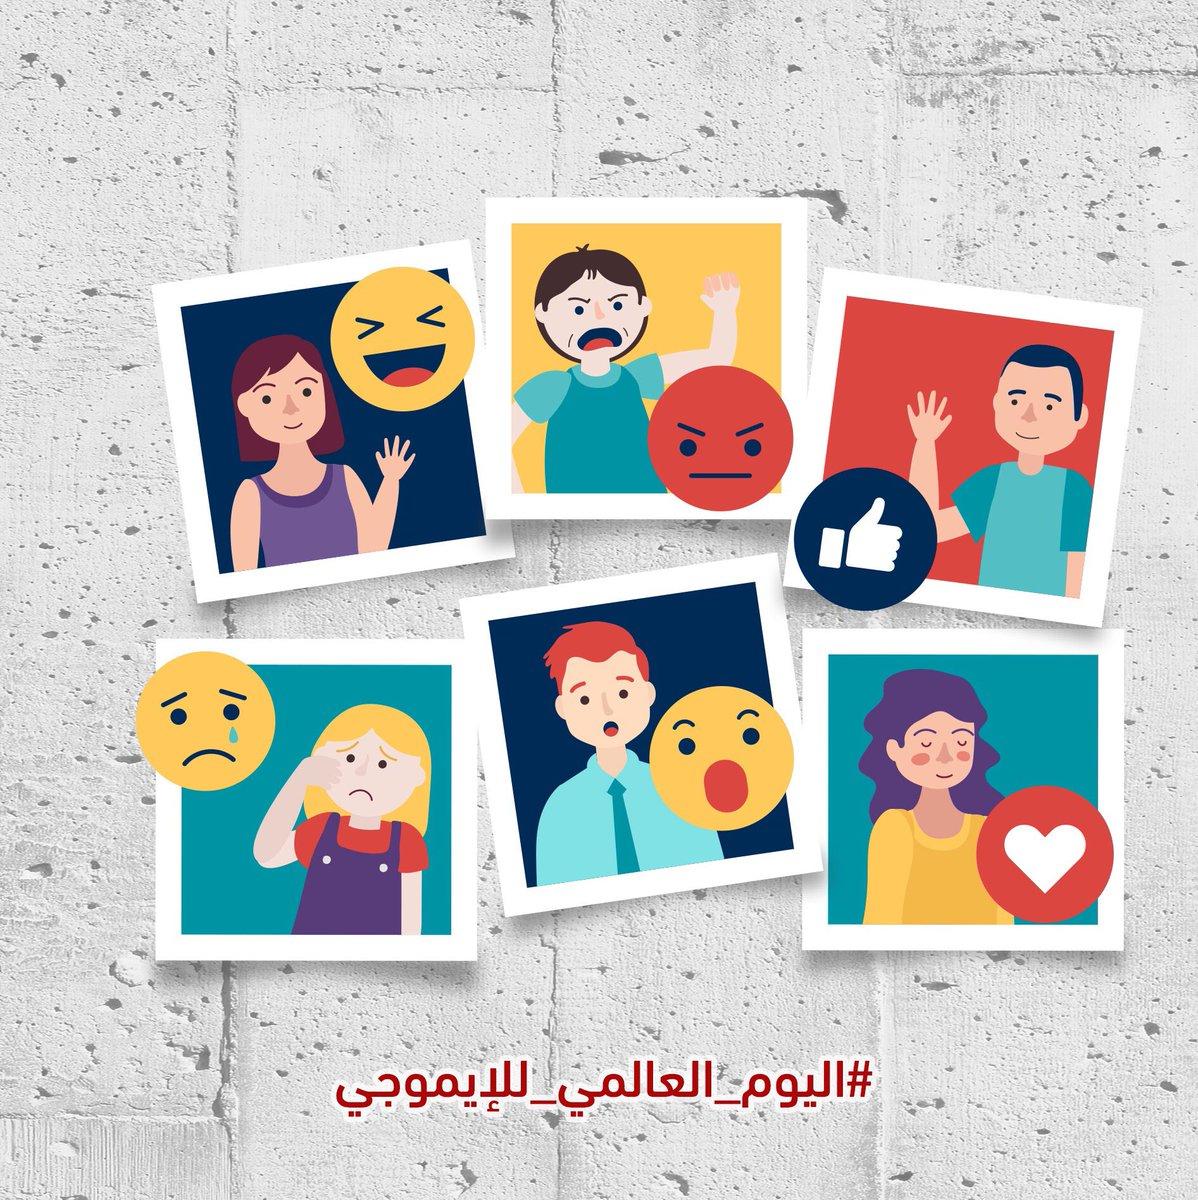 اليوم_العالم_للإموجي #ايموجي #emoji Tweet added by BBQ